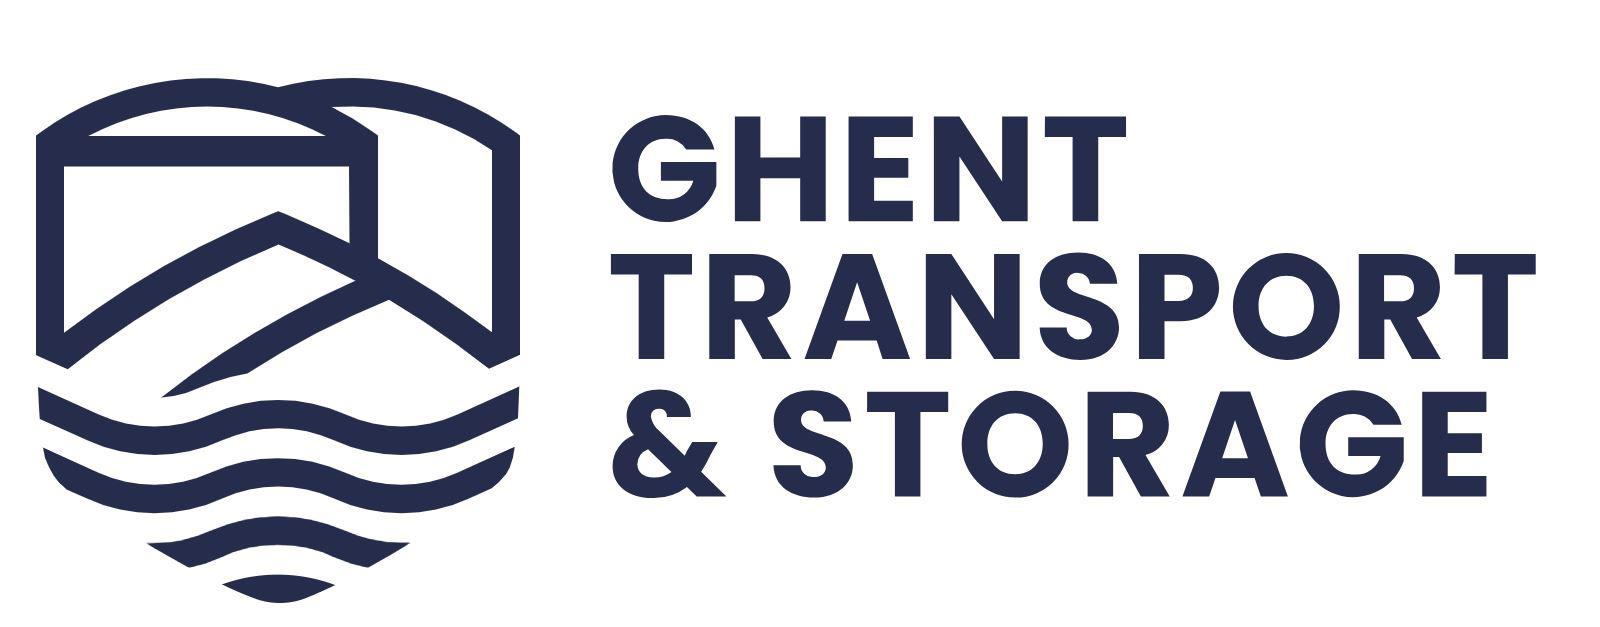 Ghent Transport & Storage NV